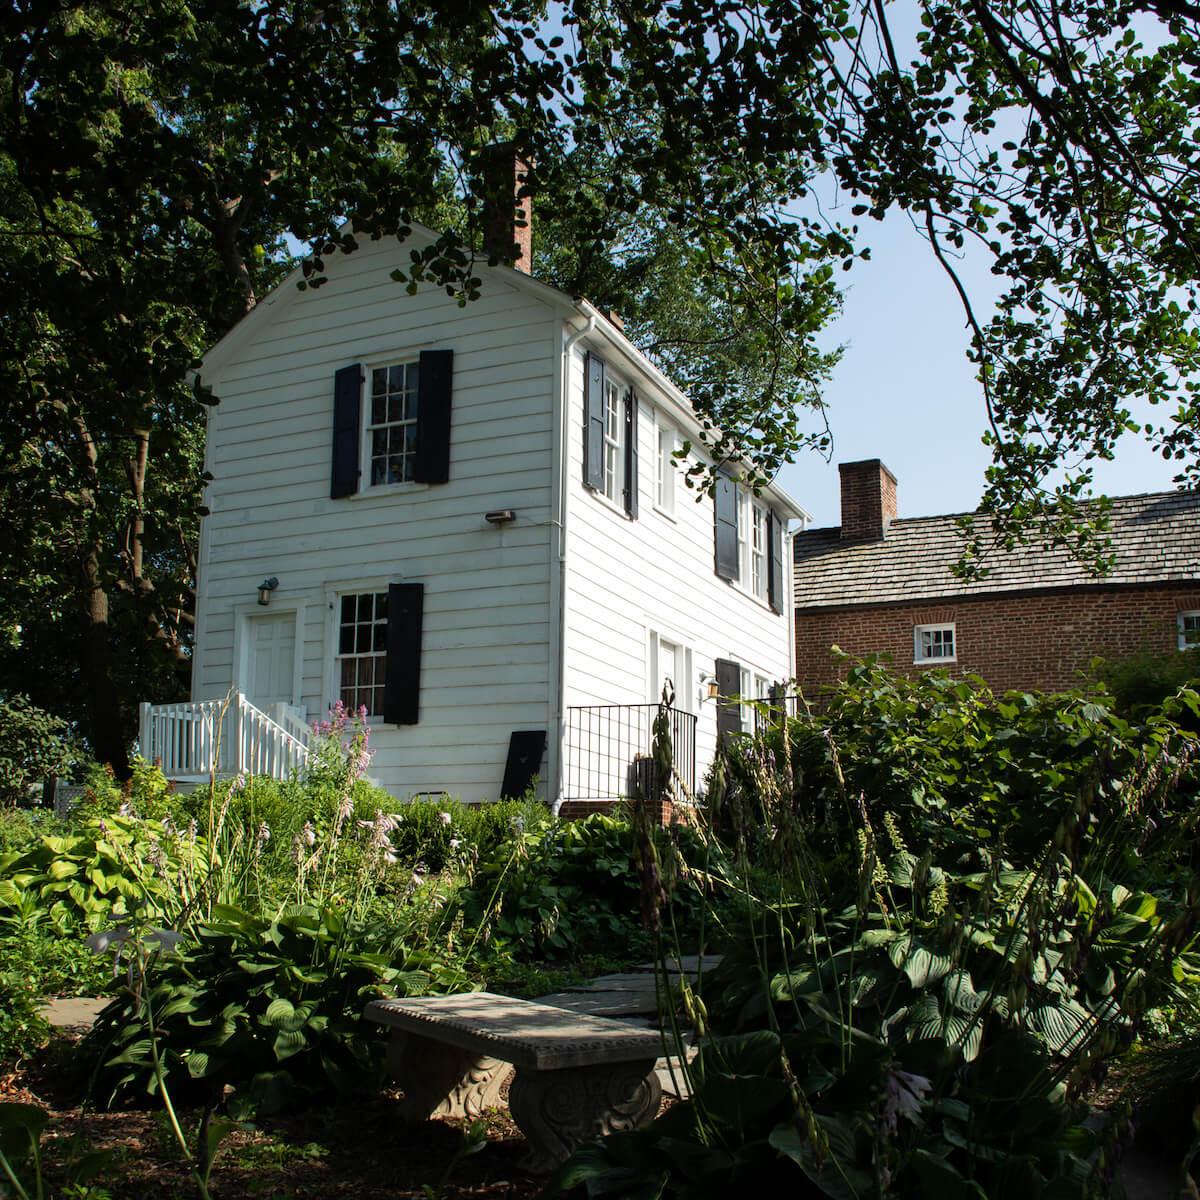 Washington DC Neighborhoods -Fairfax HistoricHouse_sm